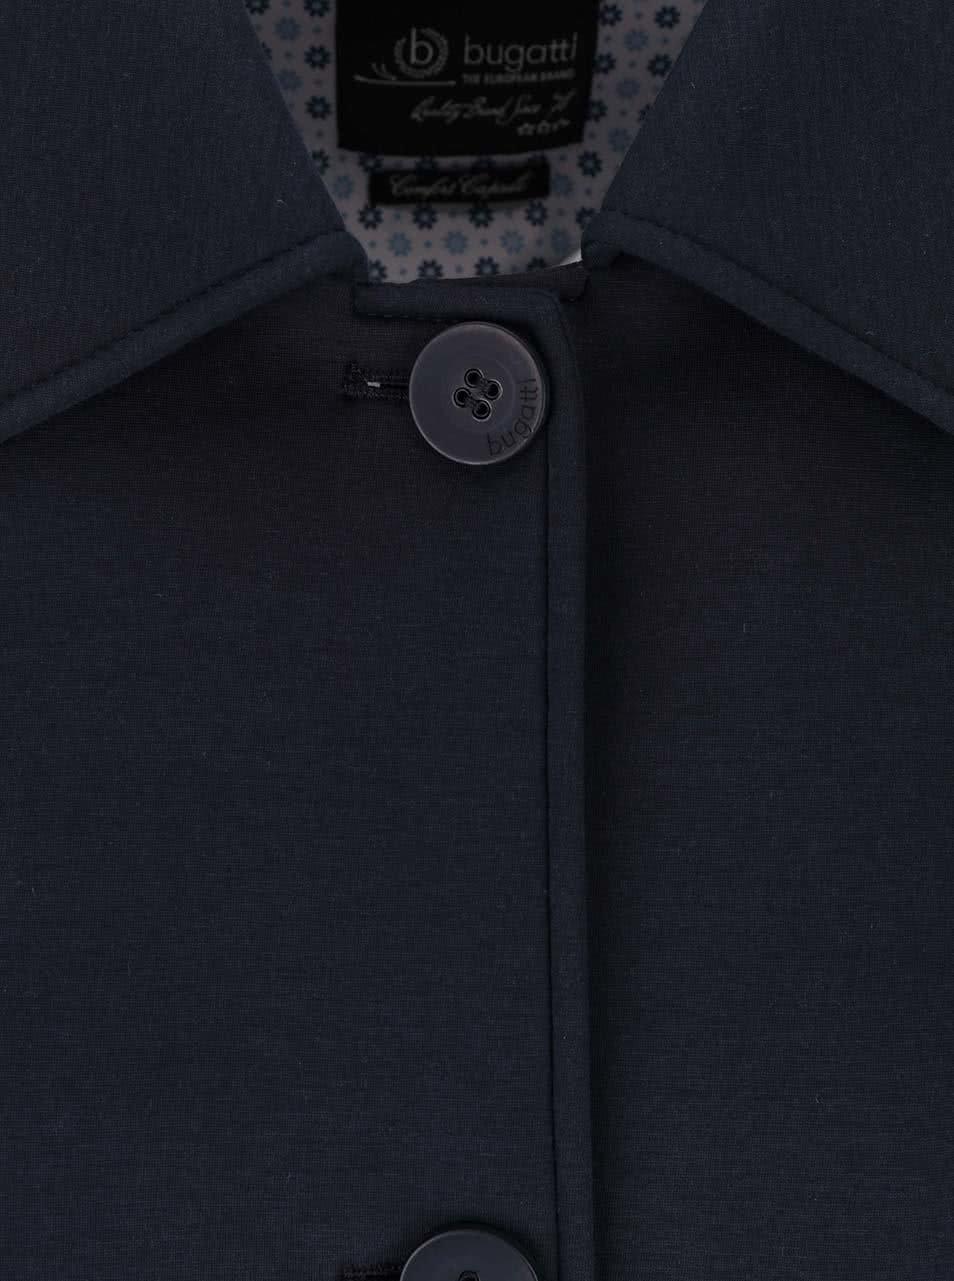 Tmavomodrý dámsky kabát bugatti ... 817309e2bf